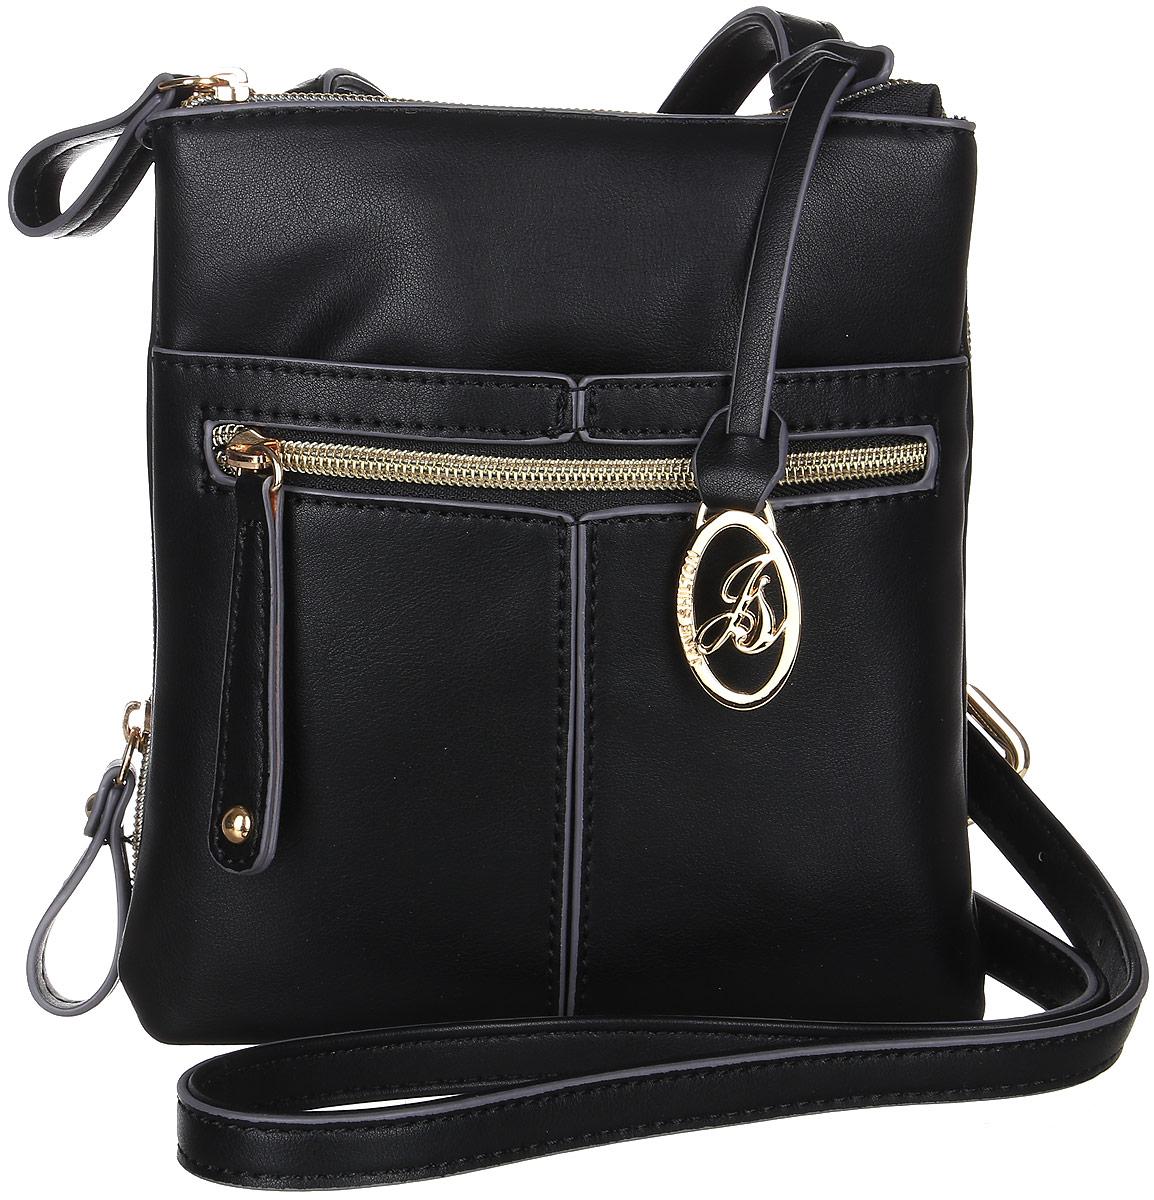 Сумка женская Jane Shilton, цвет: черный. 23012301blПрекрасная сумочка Jane Shilton выполнена из искусственной кожи. Модель на длинном регулируемом ремне. Застежка на молнию. Спереди накладной карман и прорезной карман на молнии. Сзади очень удобный карман-органайзер, внутри которого разделитель на молнии, отделения для карточек и прорезной карман на молнии.